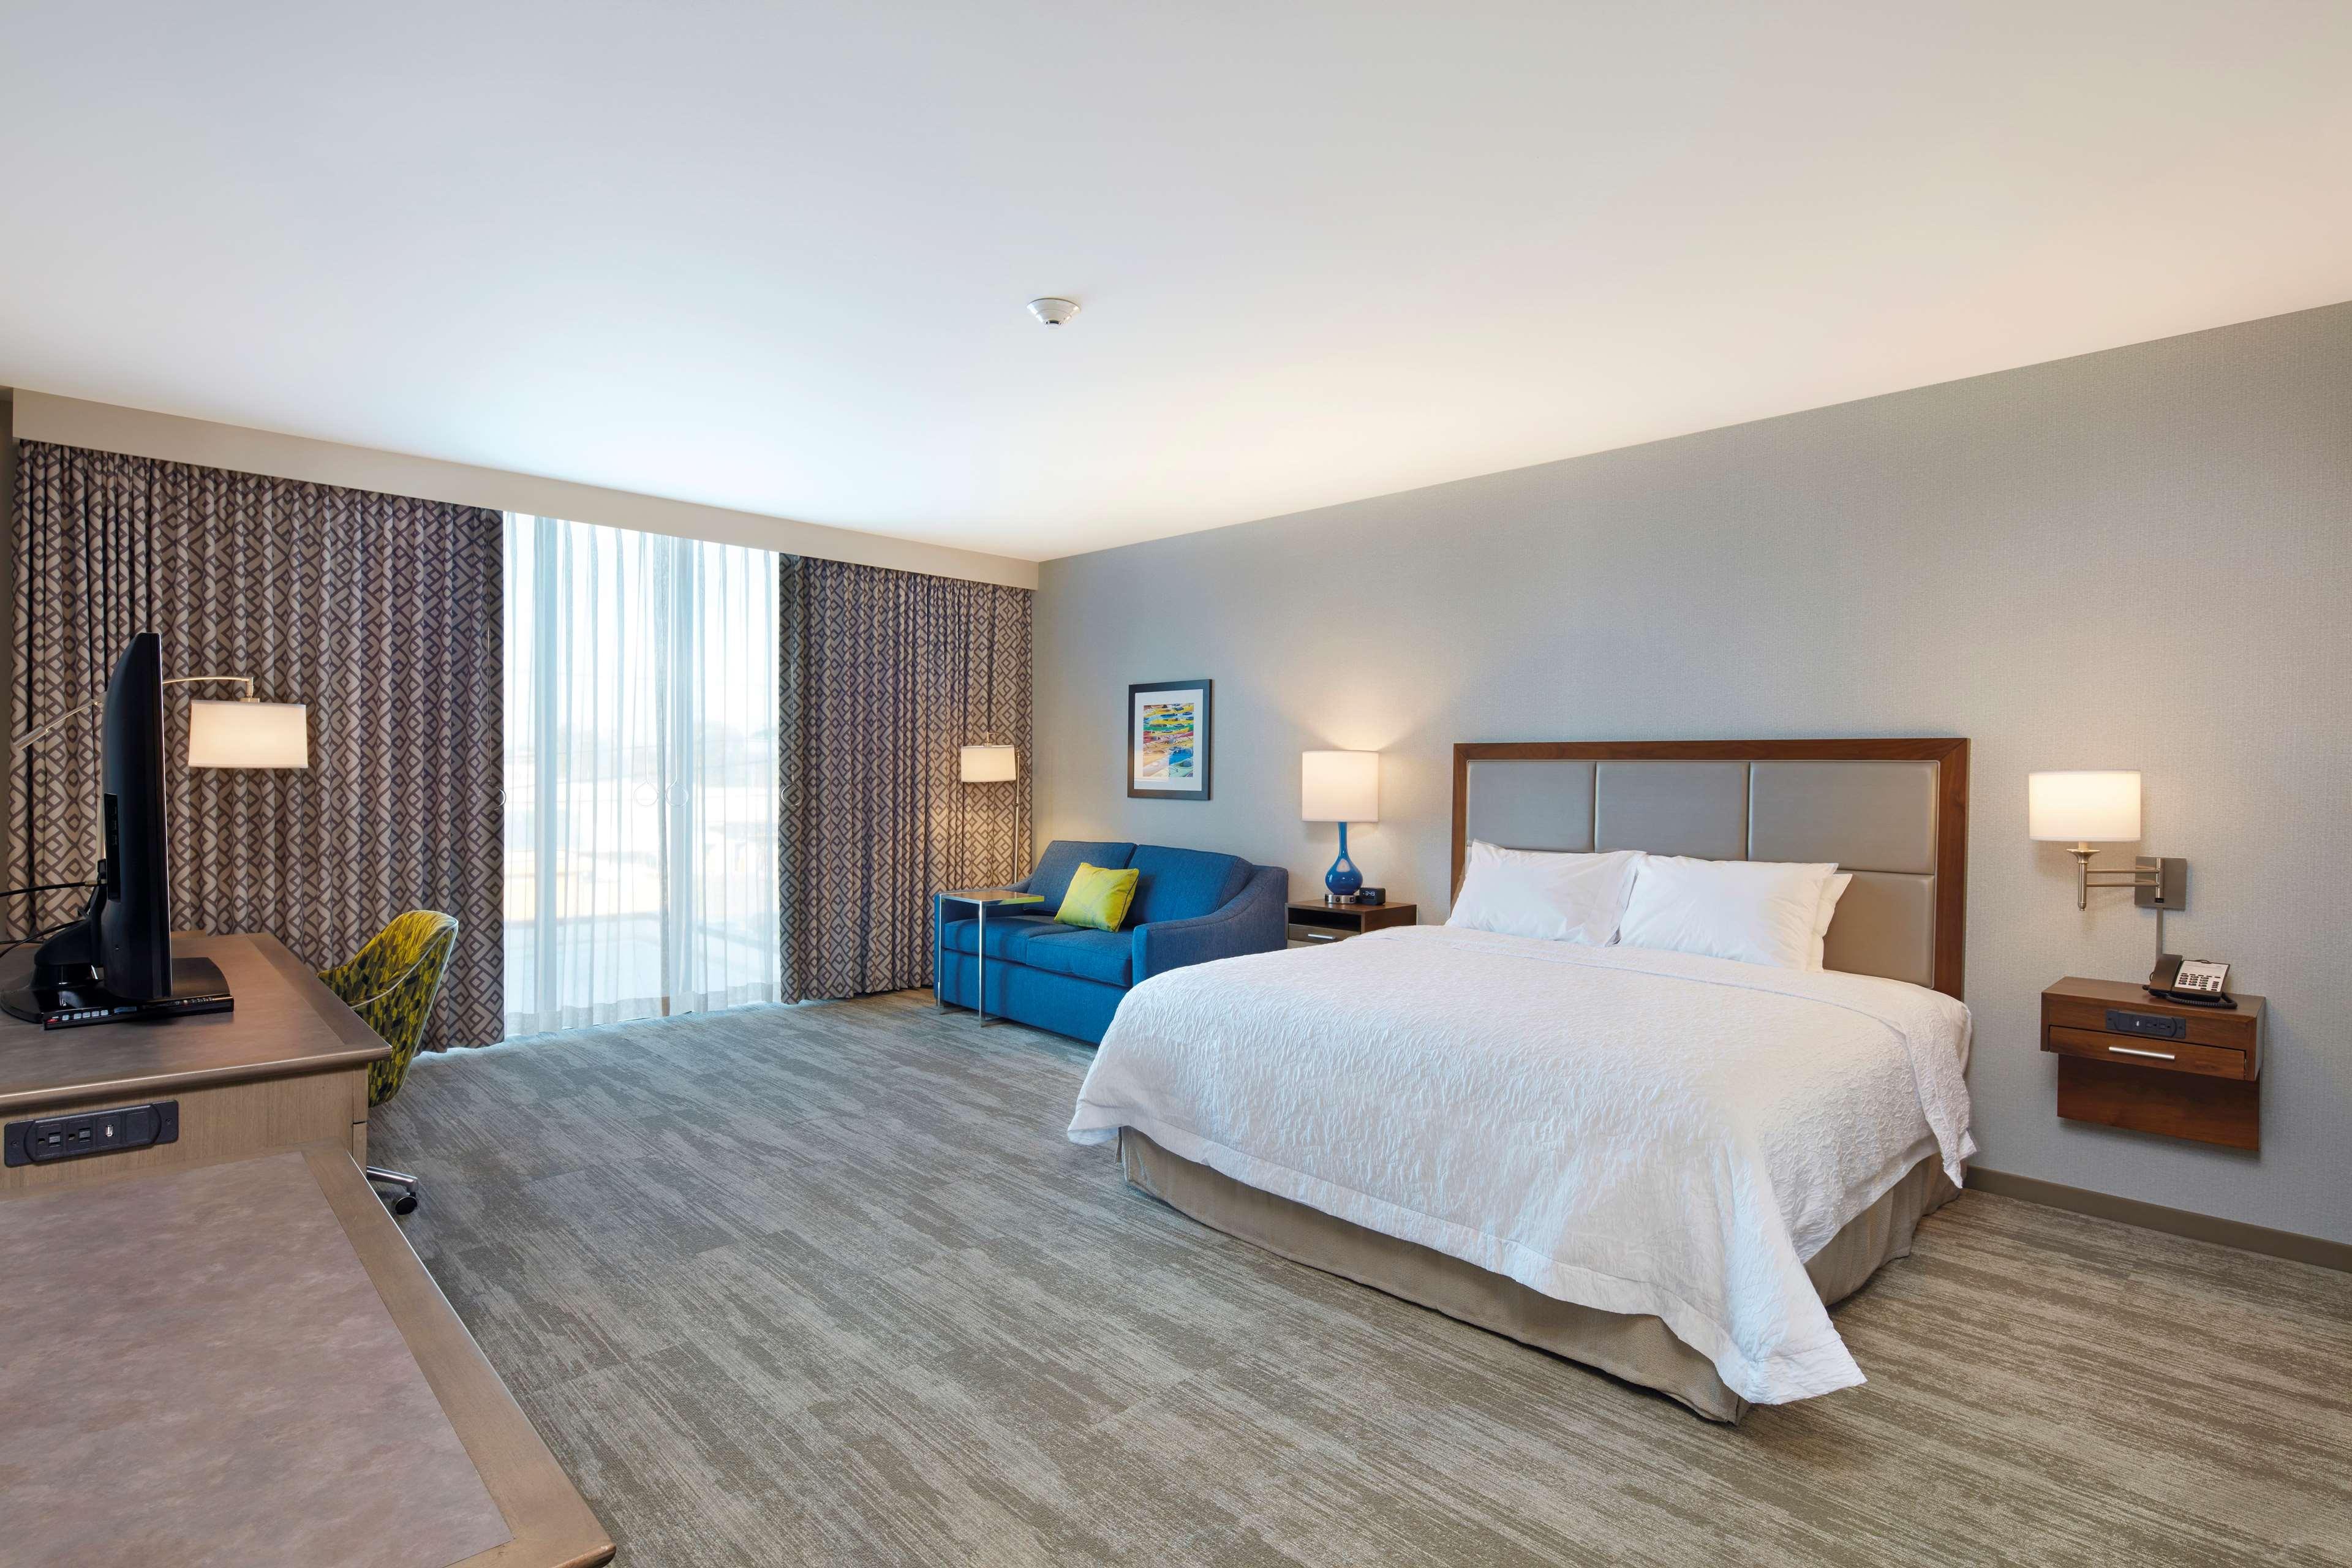 Hampton Inn & Suites Sacramento at CSUS image 20